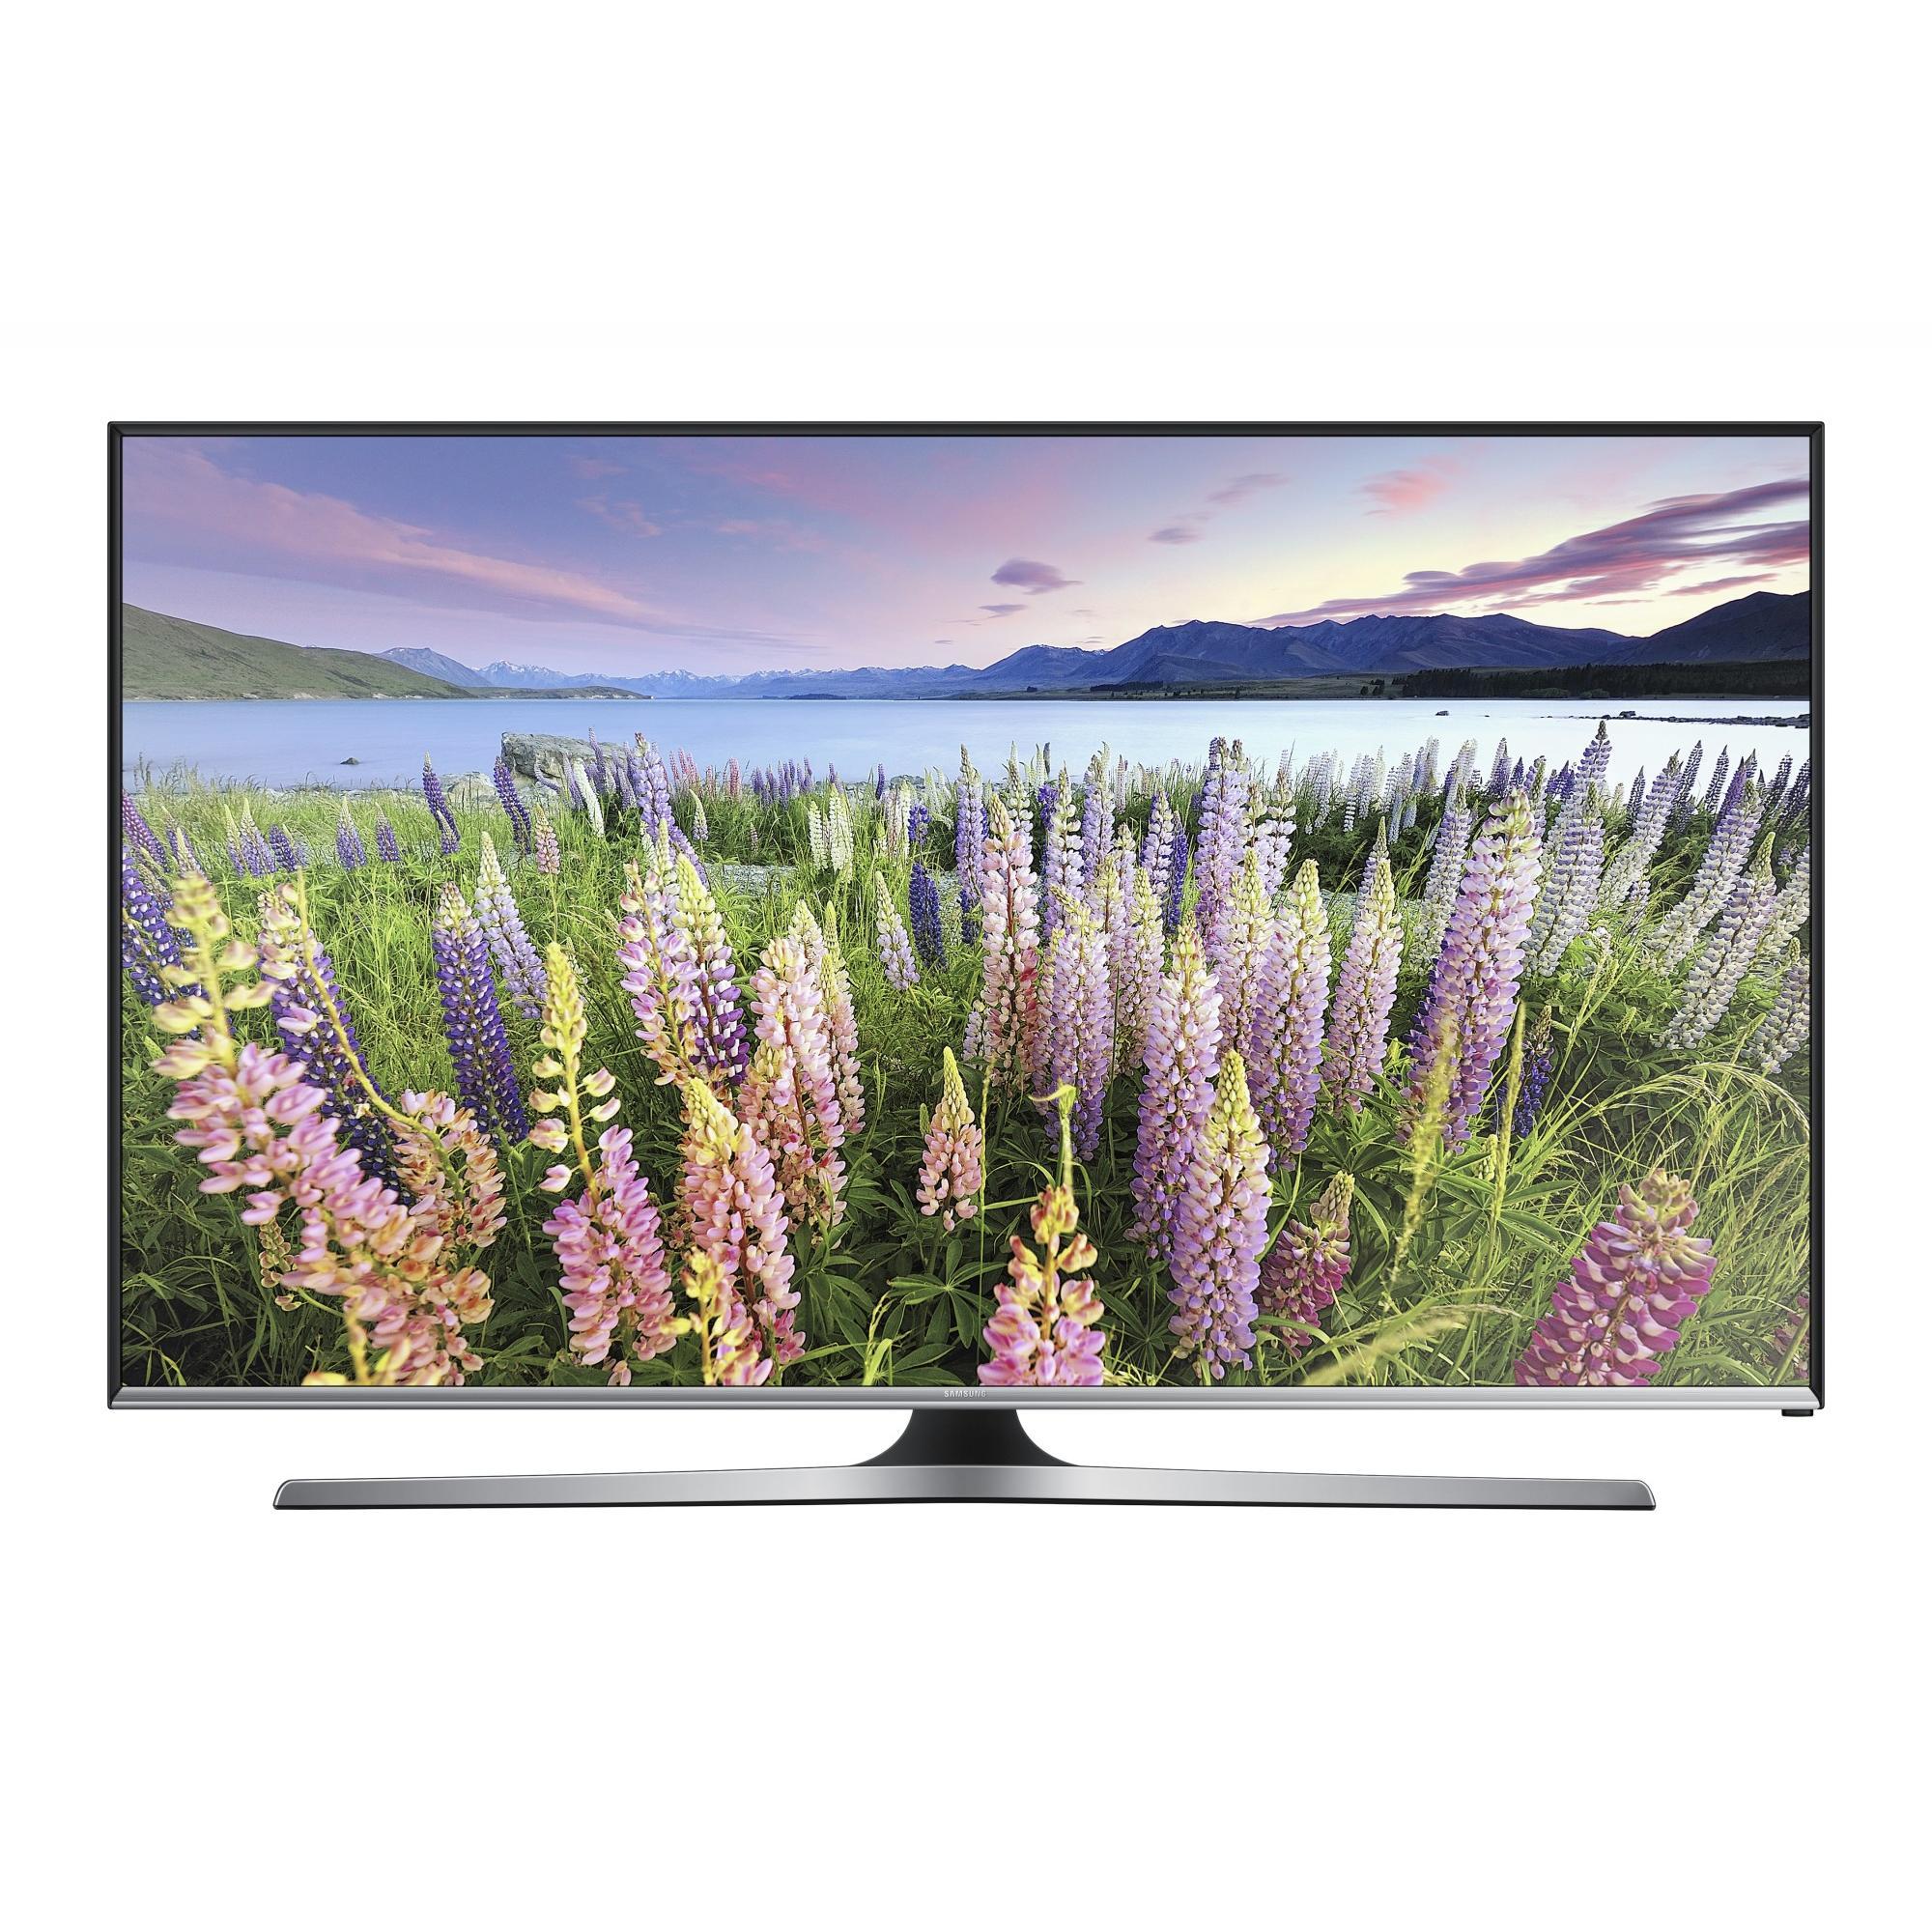 """Samsung UN50J5500 50"""" 1080p 60Hz LED Smart HDTV"""